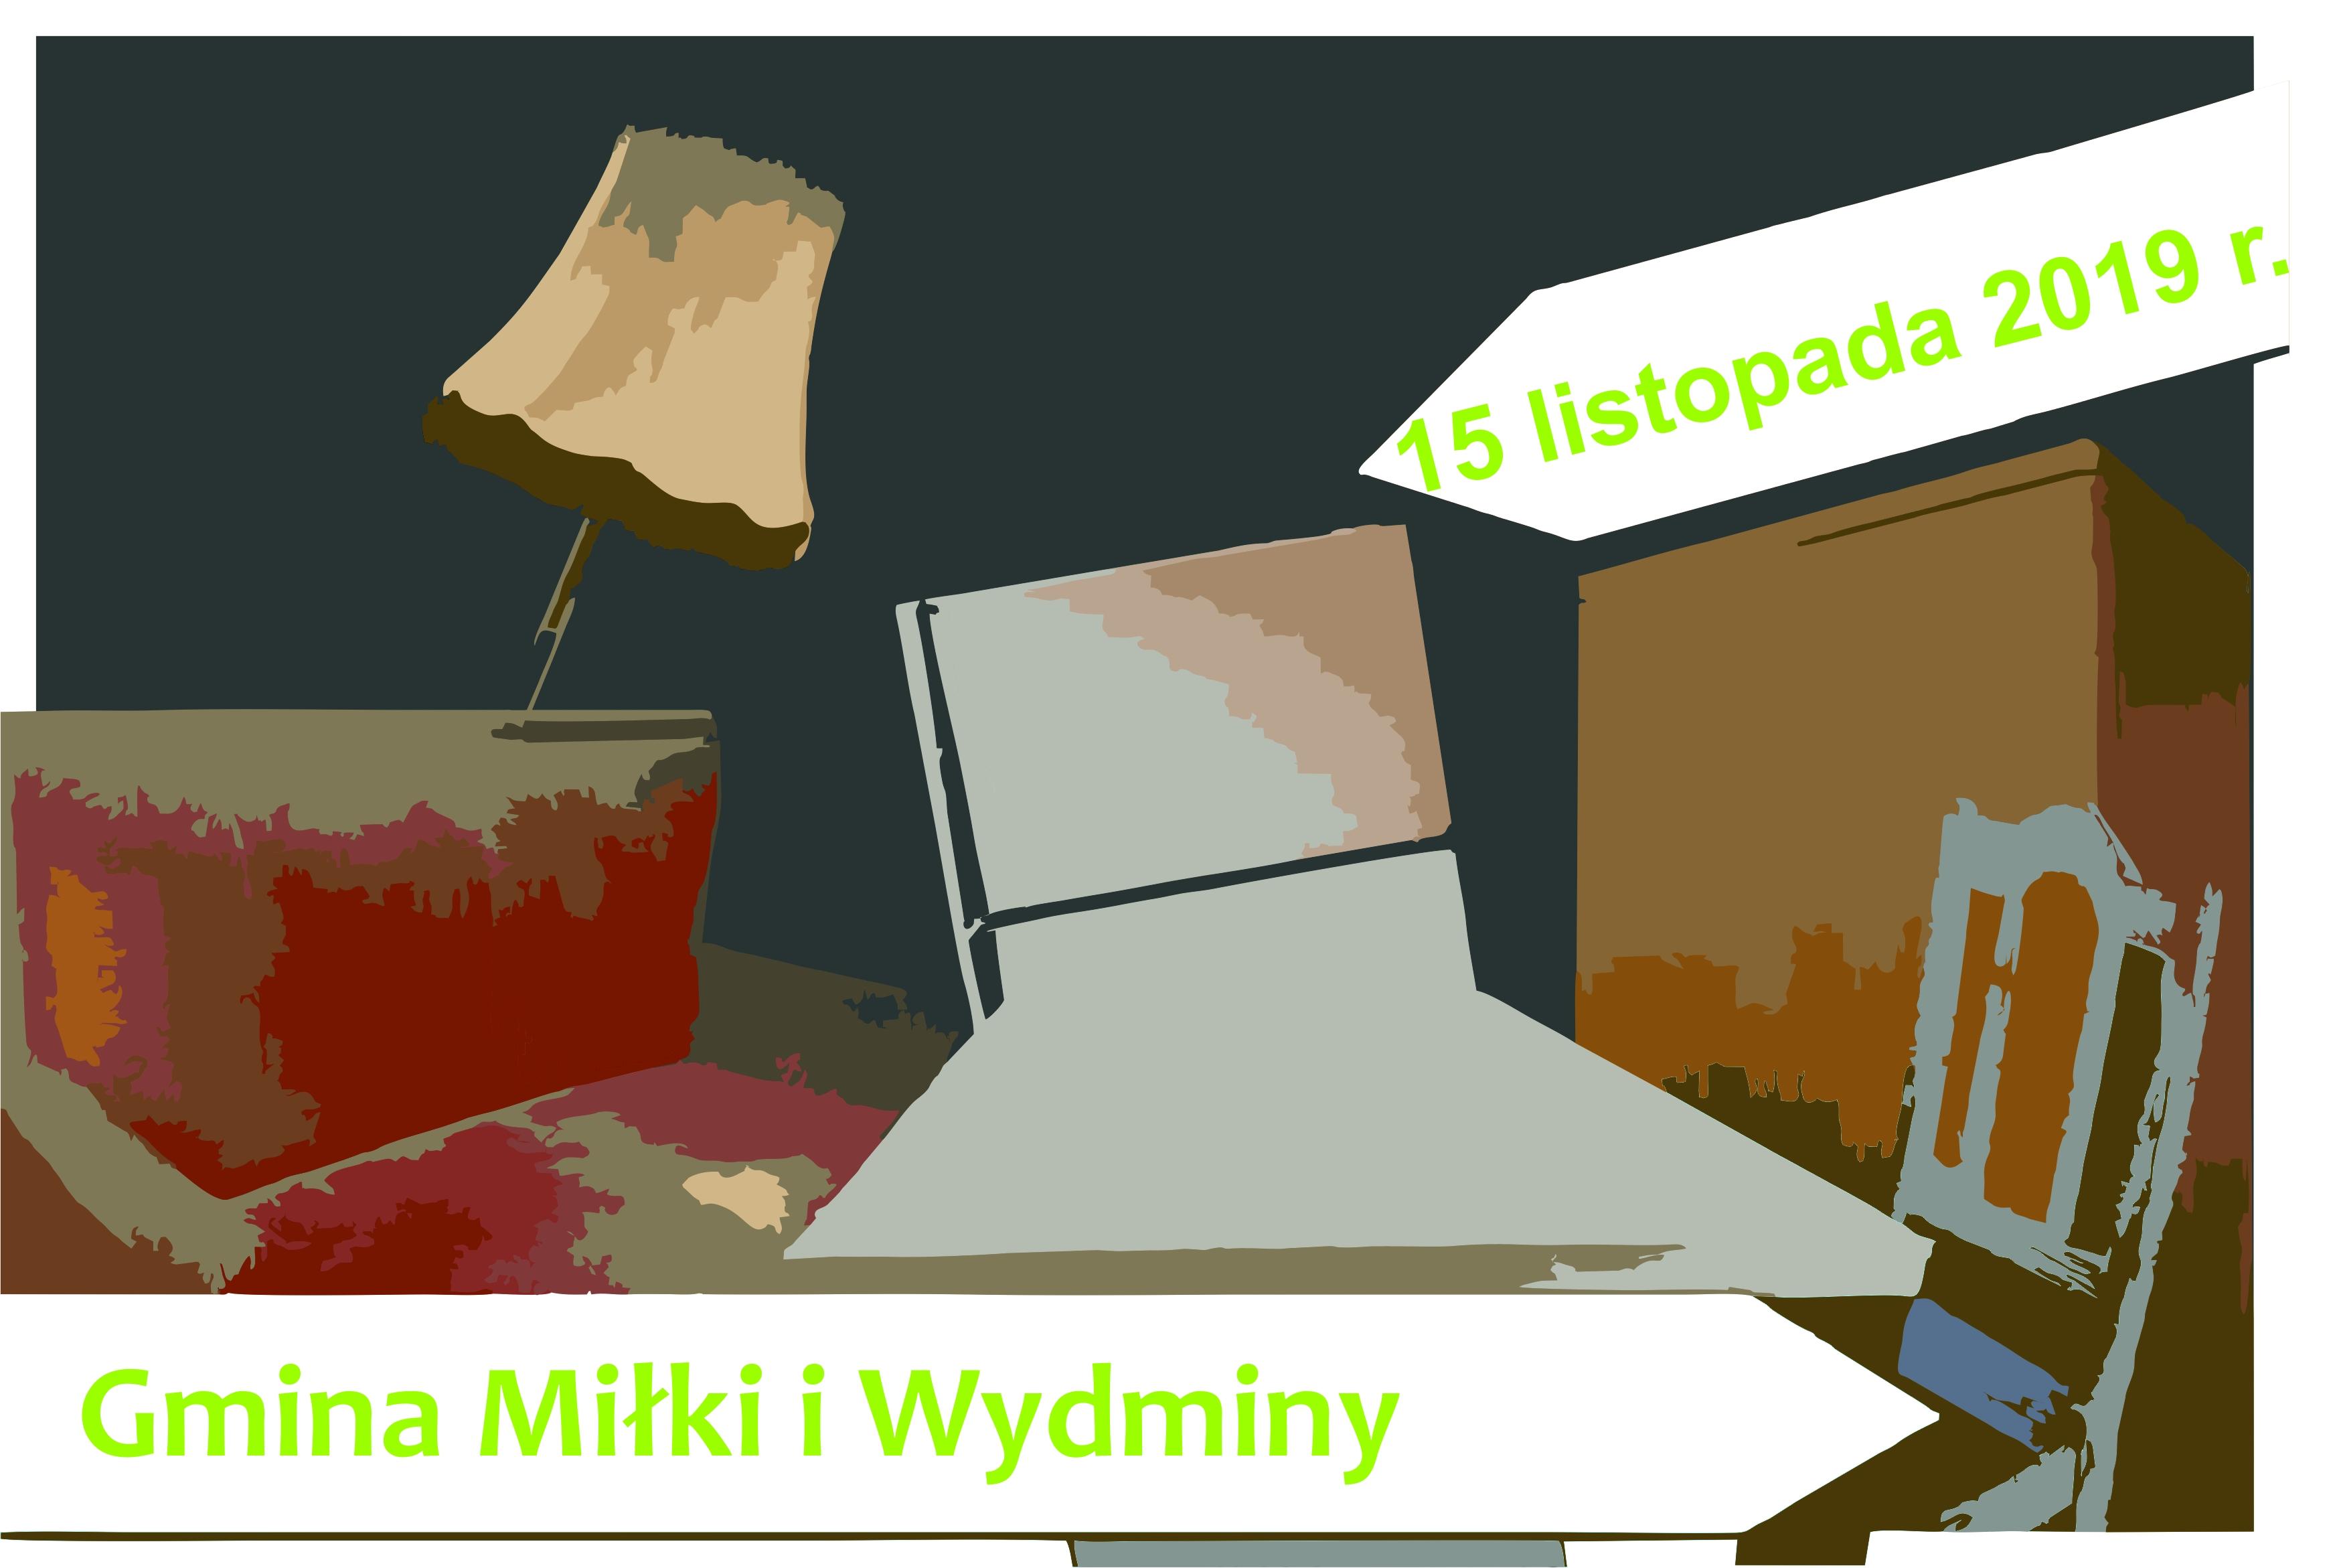 Zbiórka elektroodpadów oraz wielkogabarytów w Gminie Miłki oraz Wydminy